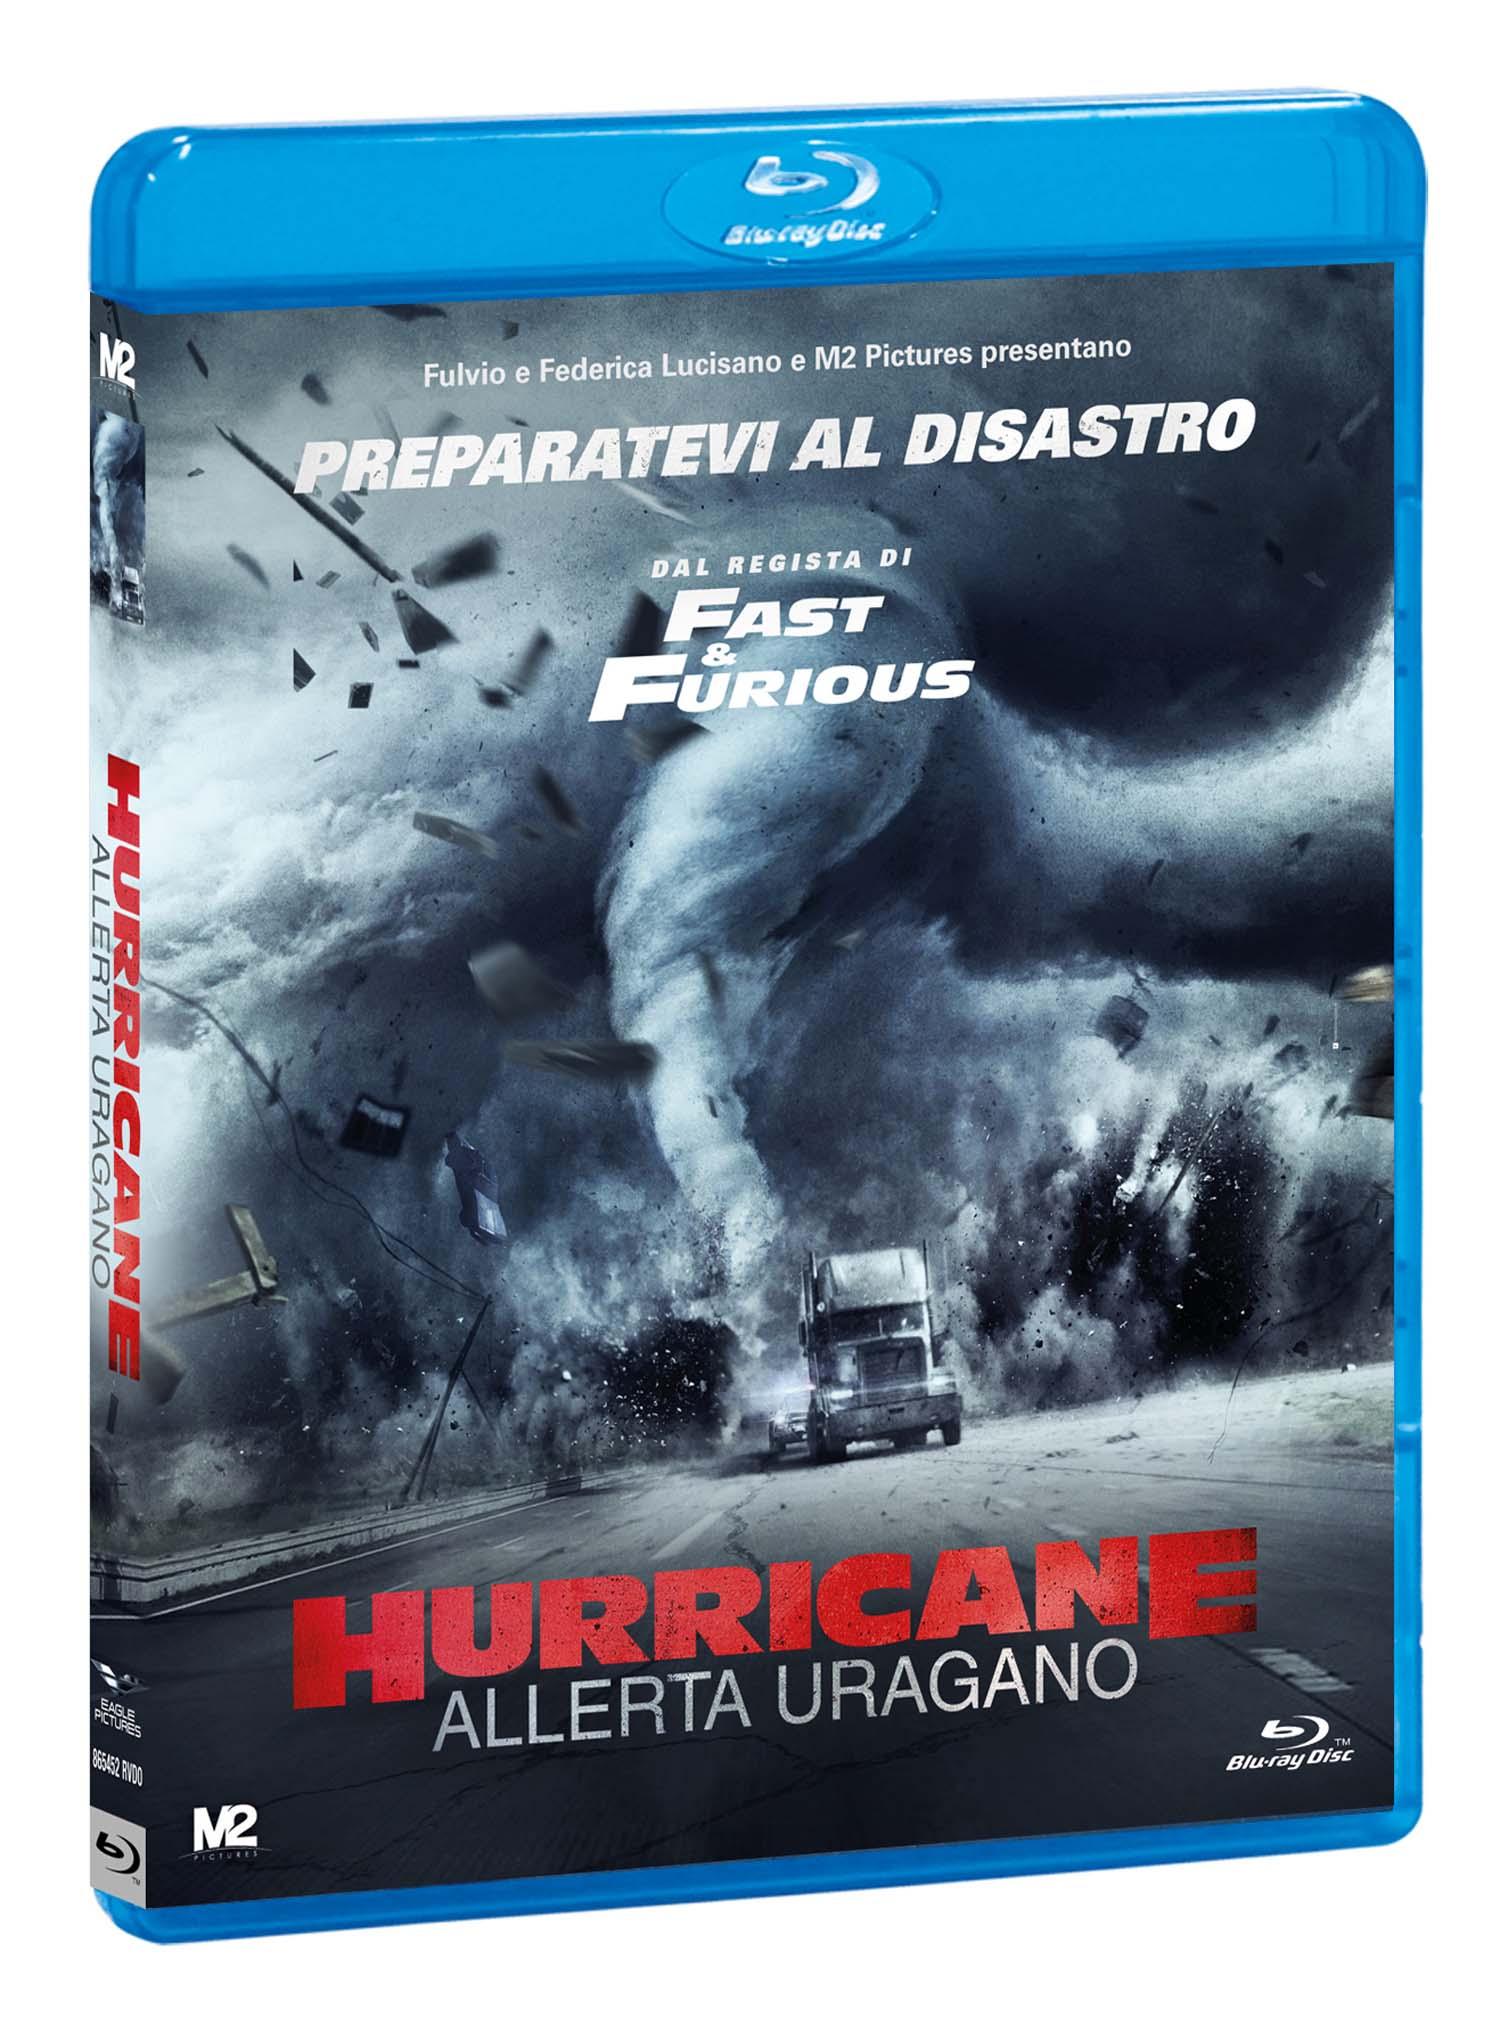 HURRICANE - ALLERTA URAGANO - BLU RAY